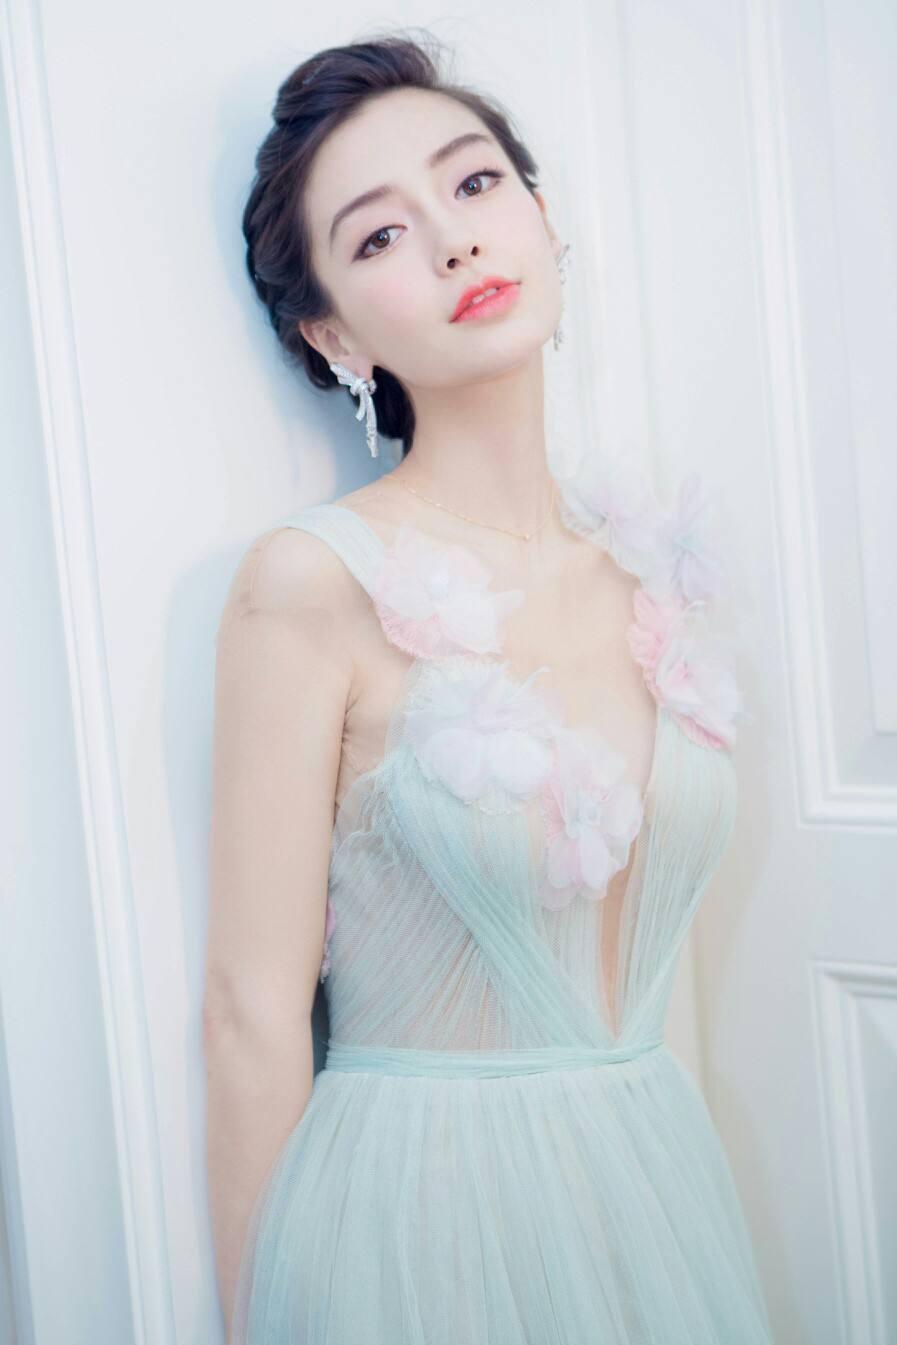 杨颖回归 跑男 宣传与郑凯合照, 引发微博闹剧, 都是粉丝的错